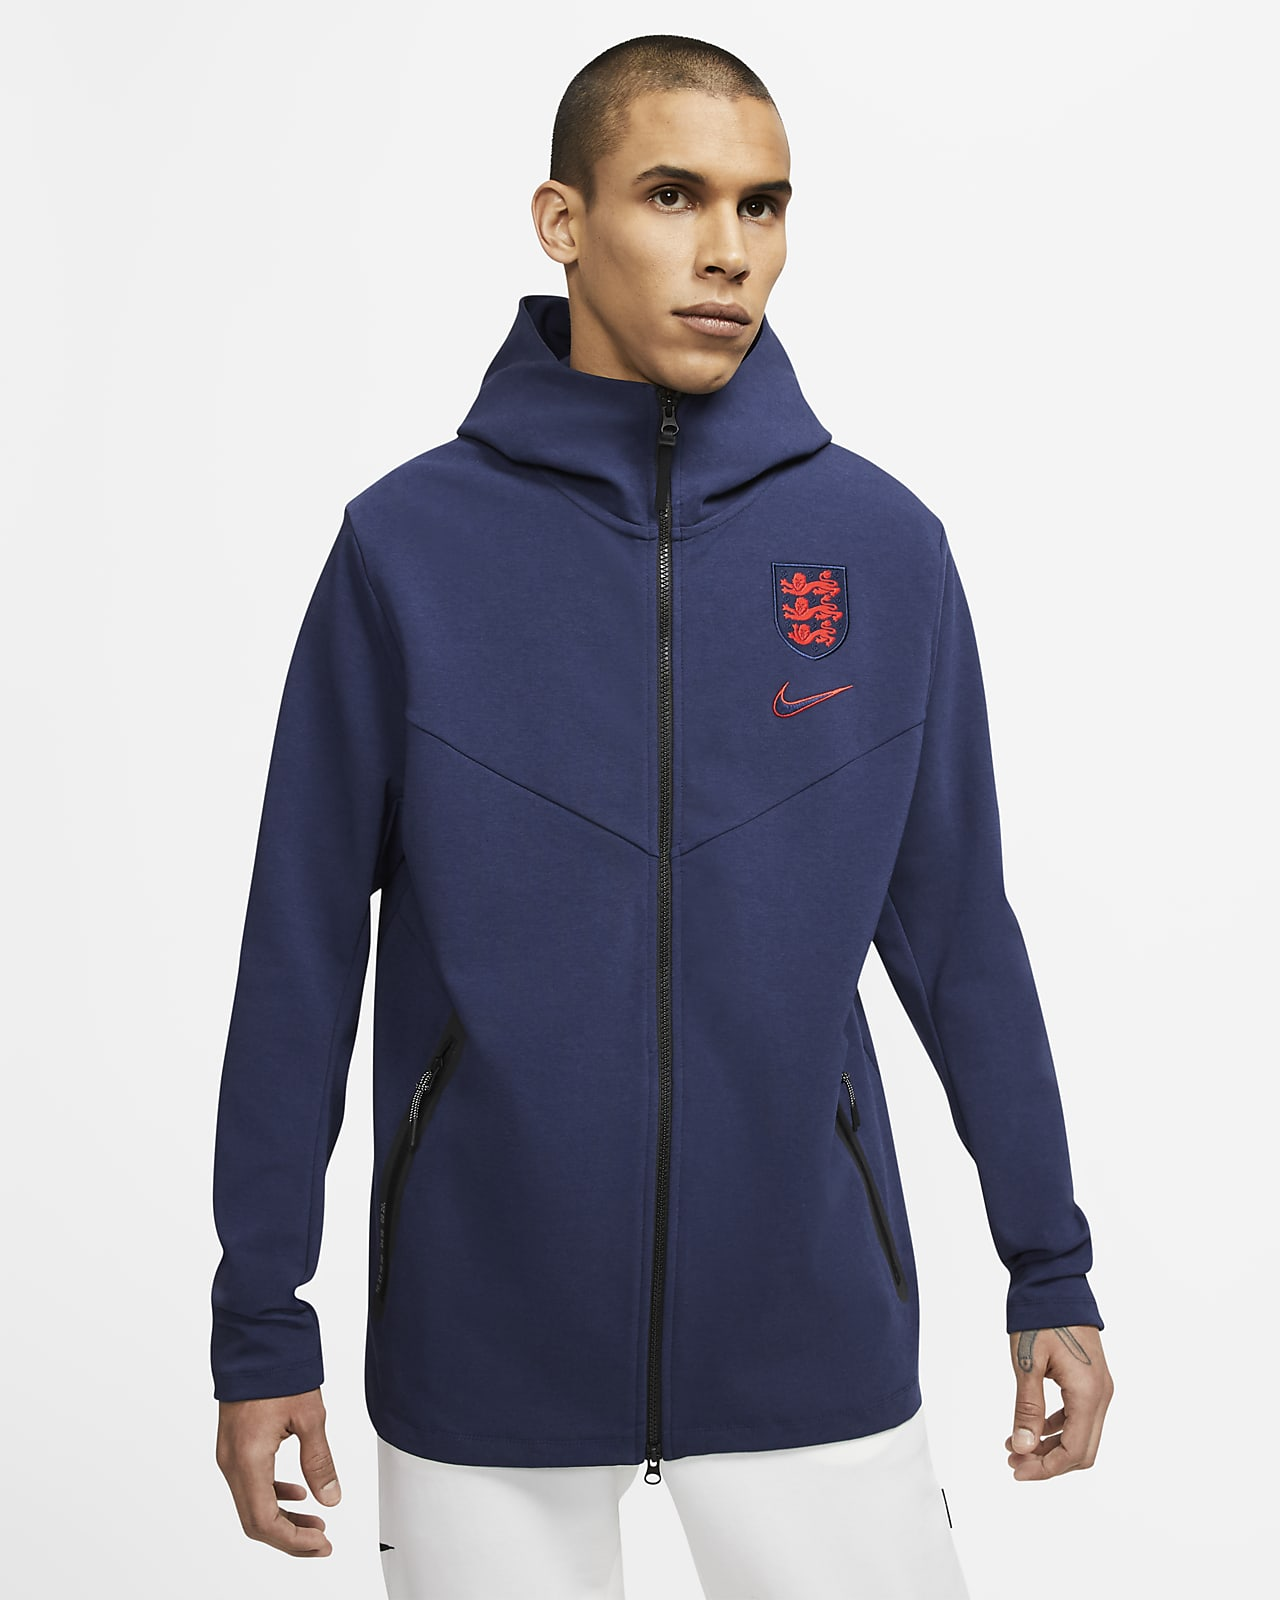 Pánská fotbalová mikina s kapucí a zipem po celé délce Anglie Tech Pack